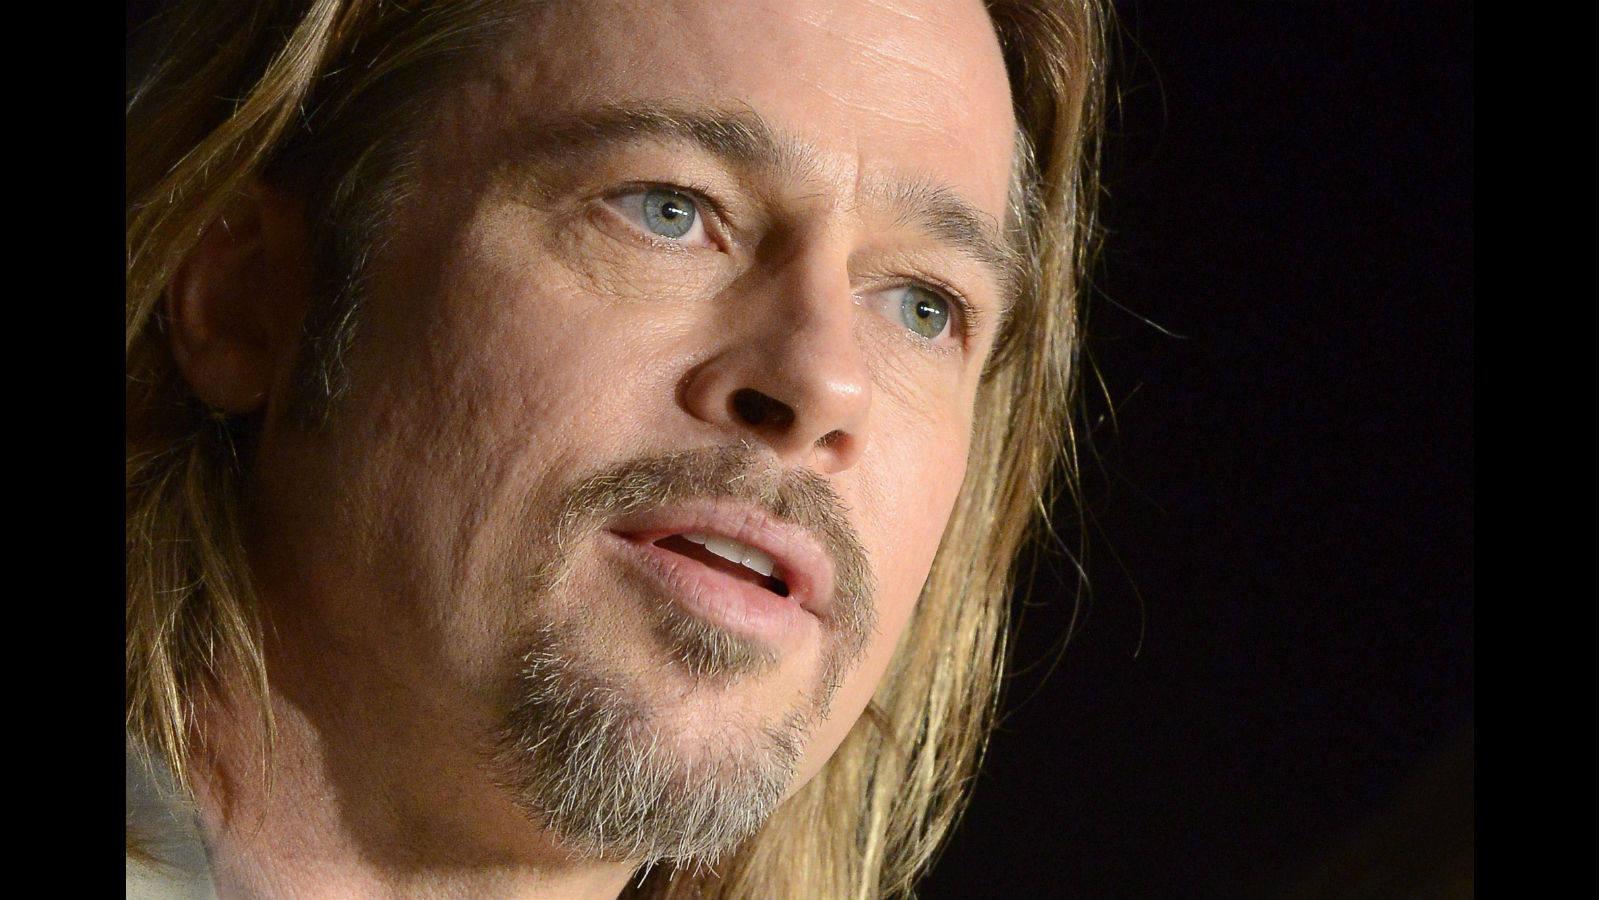 Gerard Piqué Y Brad Pitt Entre Los Hombres Con Los Ojos Azules Más